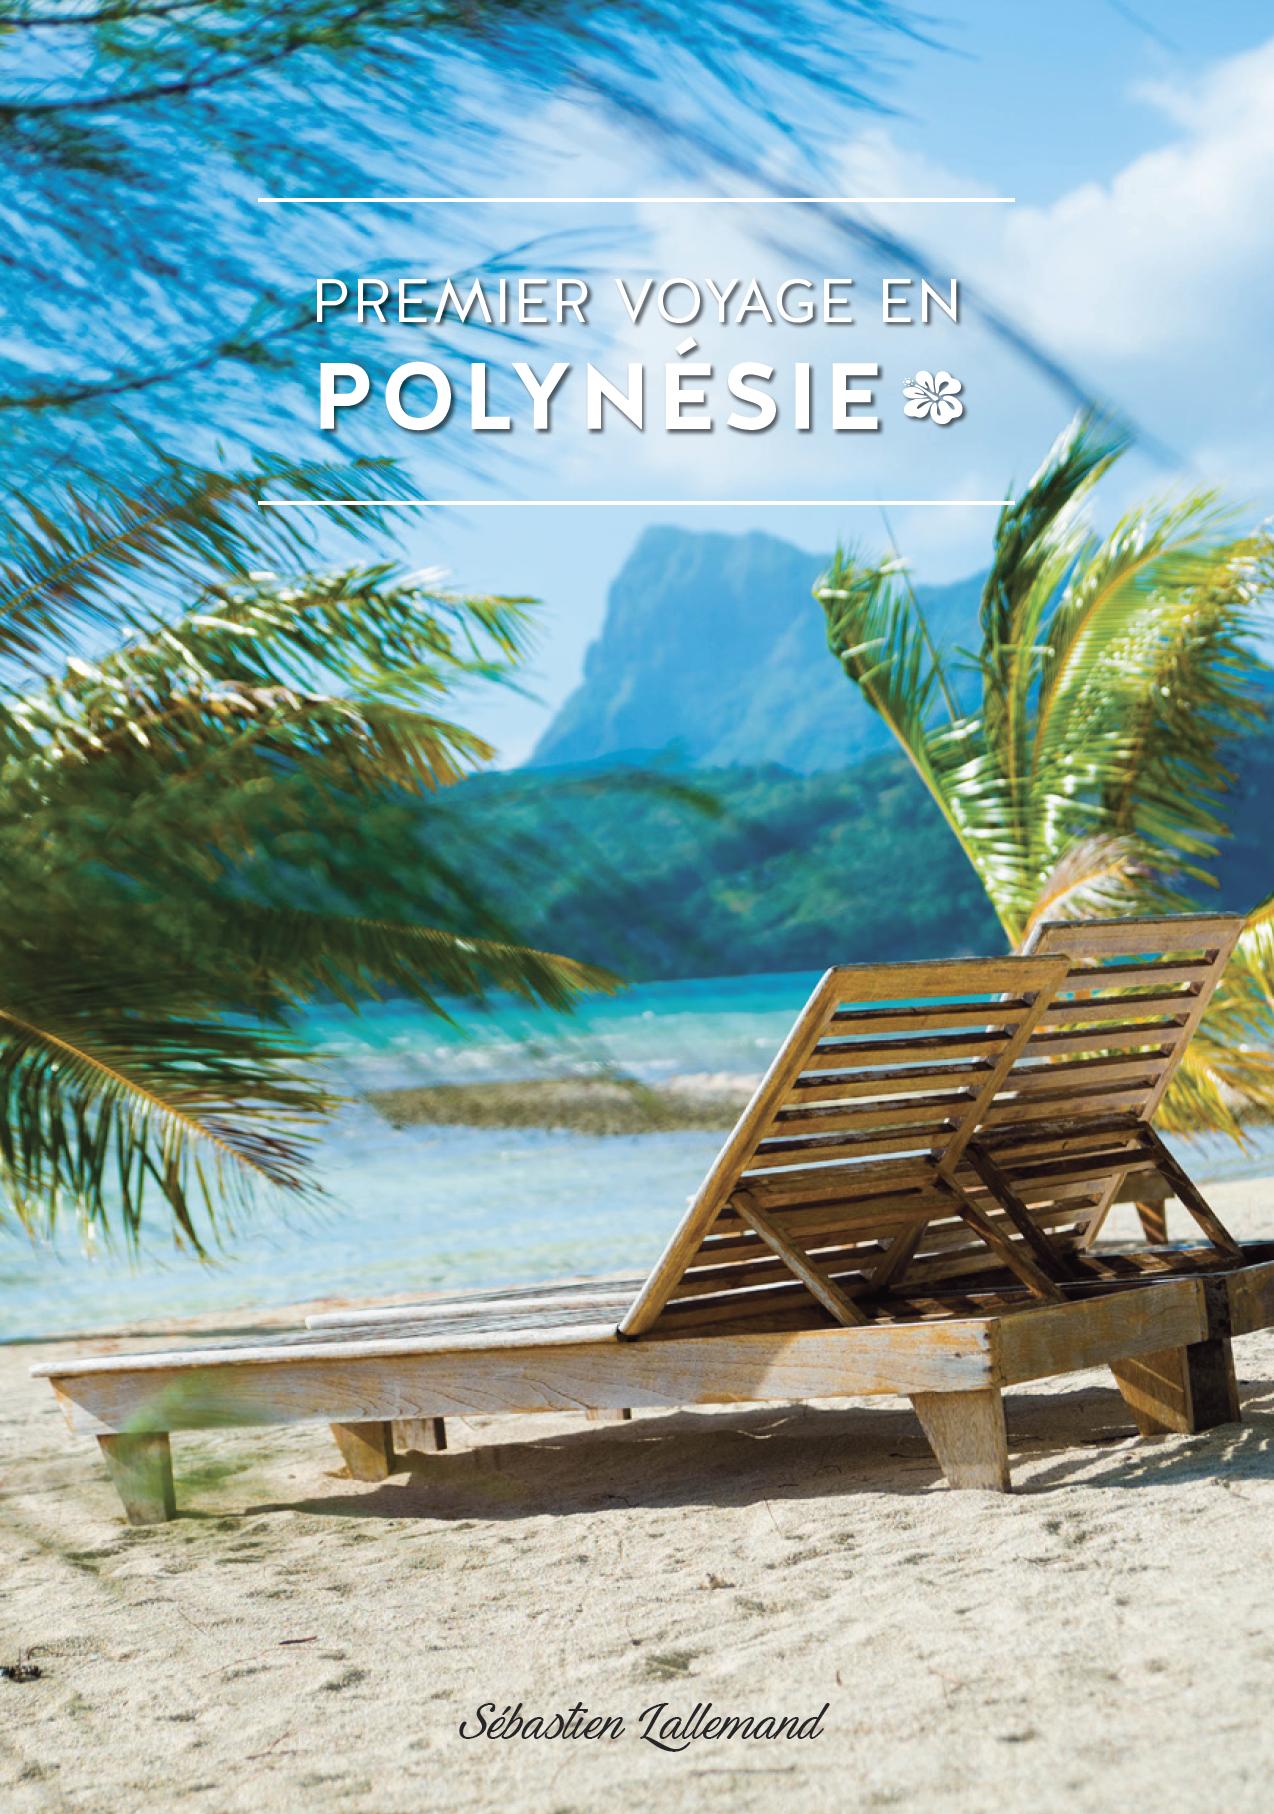 PREMIER VOYAGE EN POLYNESIE